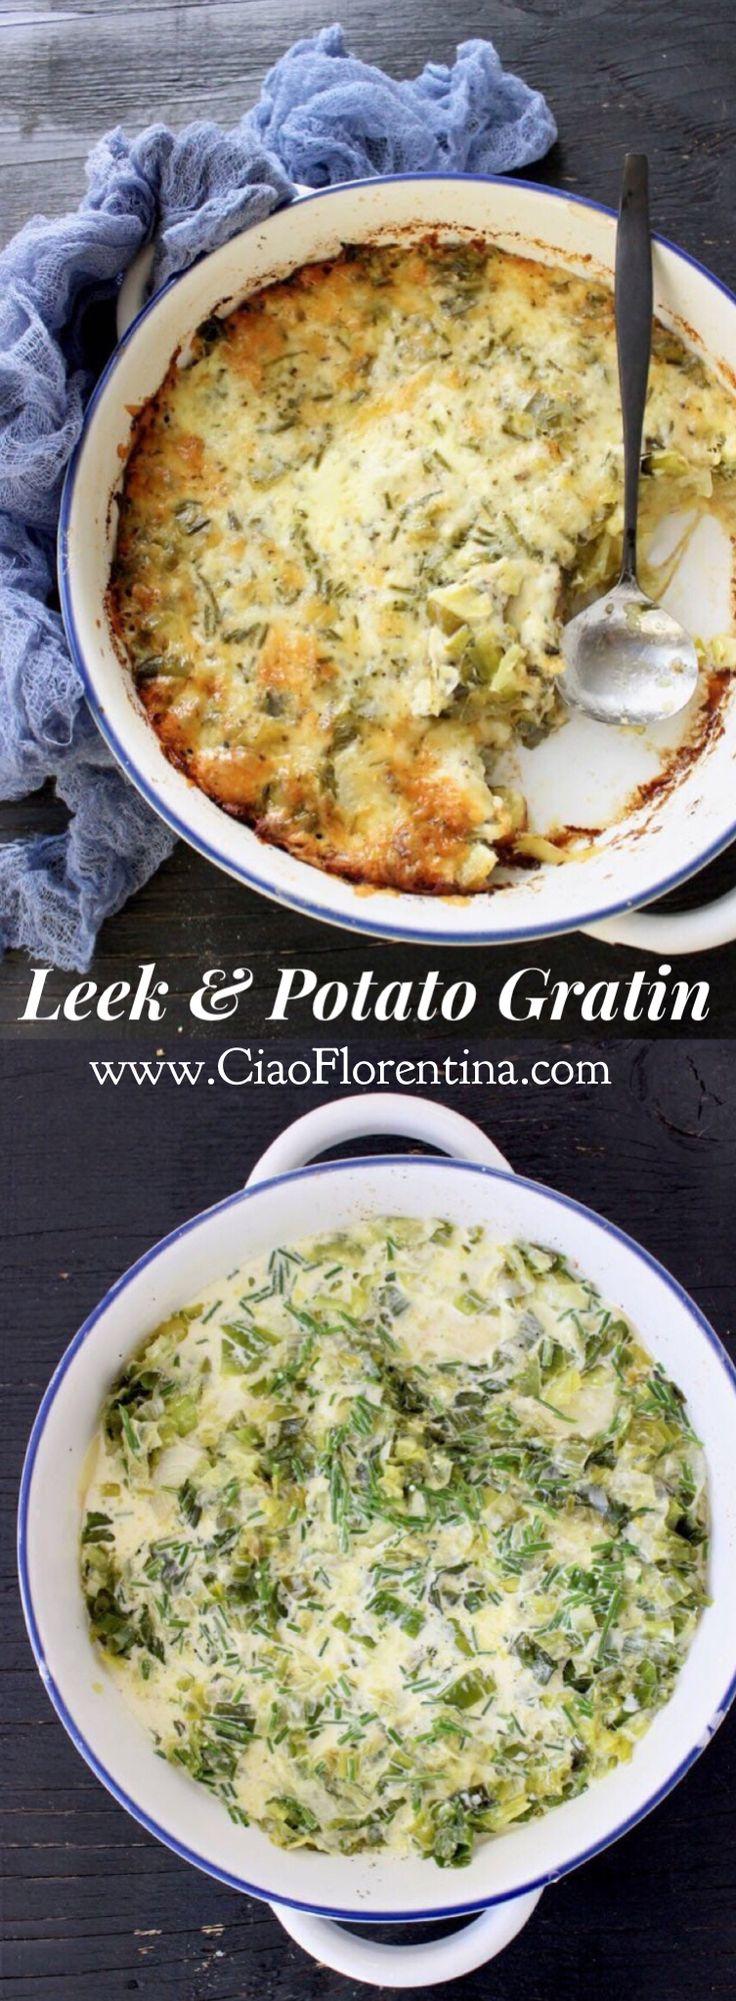 Leek Potato Gratin Recipe | CiaoFlorentina.com @CiaoFlorentina